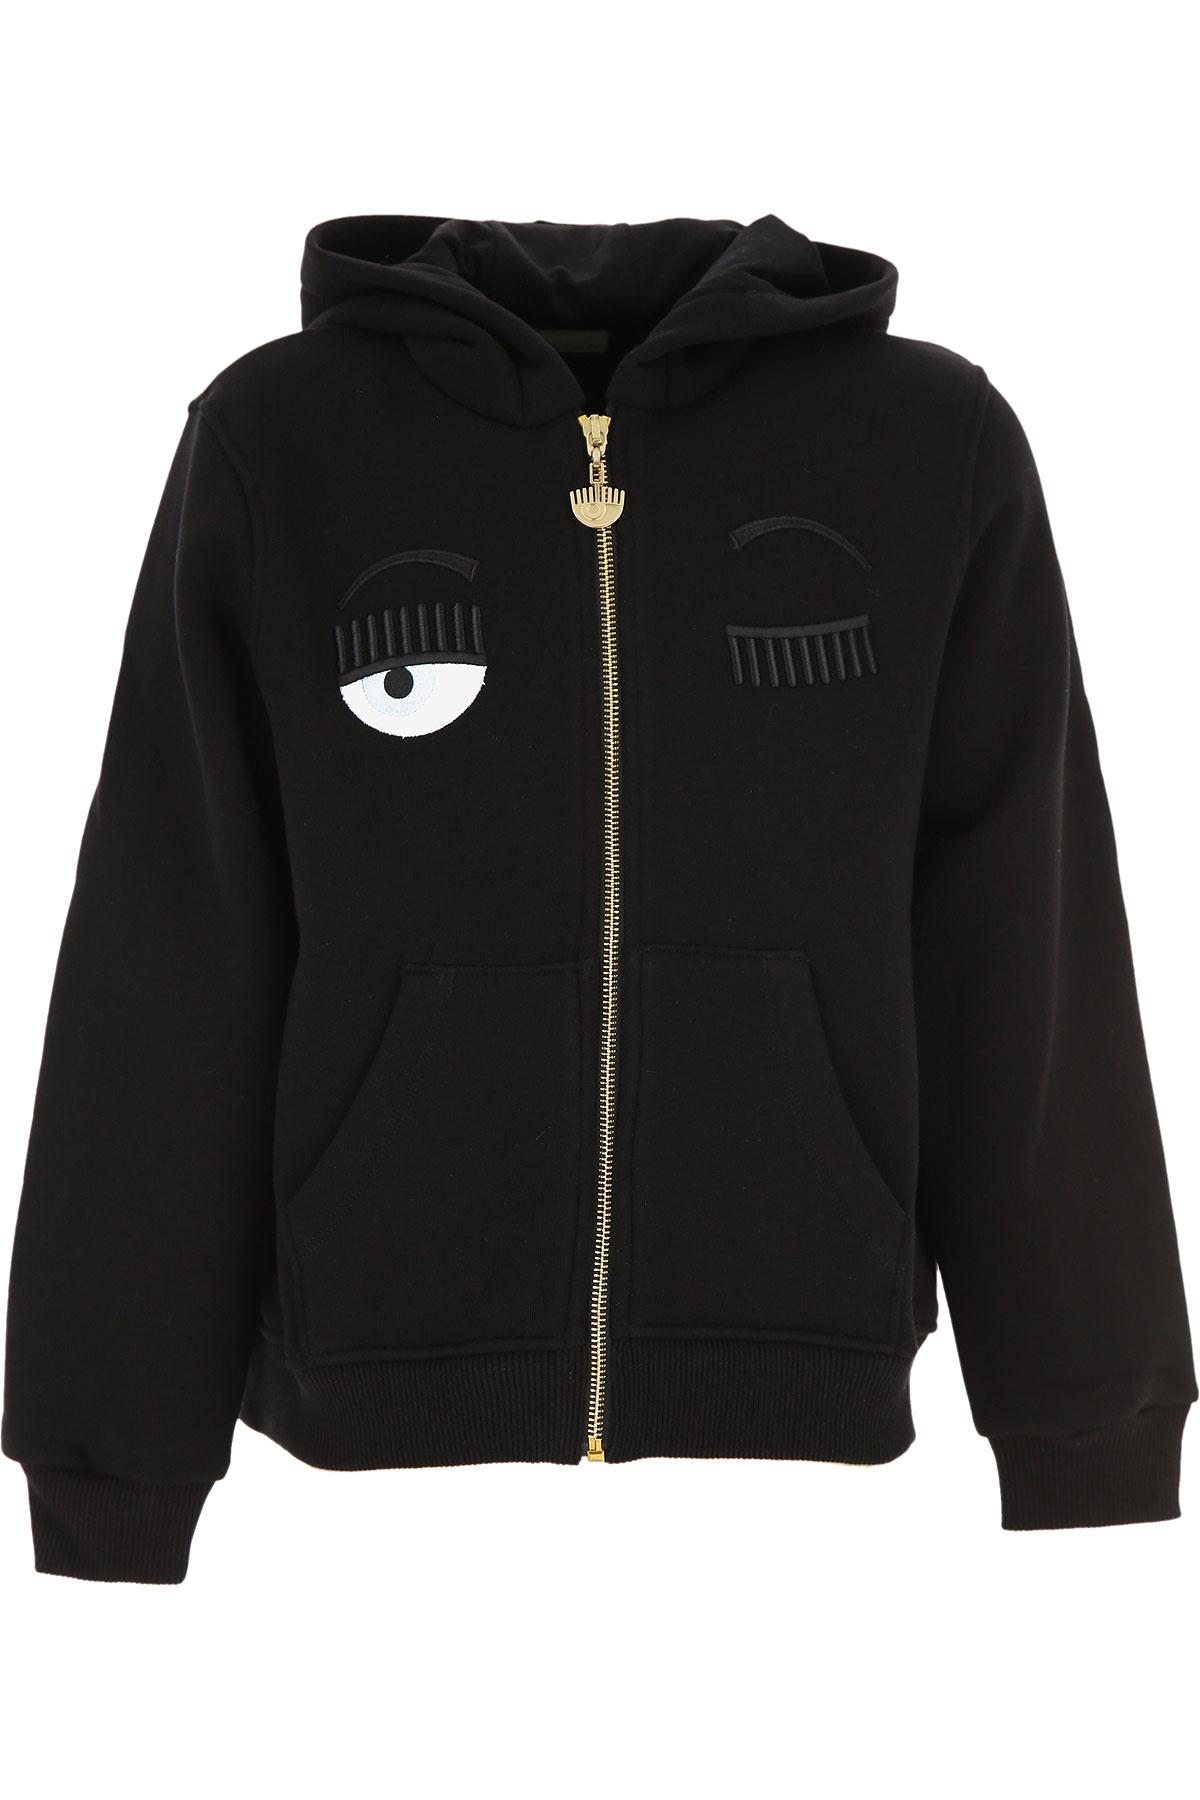 Chiara Ferragni Kids Sweatshirts & Hoodies for Girls On Sale, Black, Cotton, 2019, 10Y 14Y 8Y